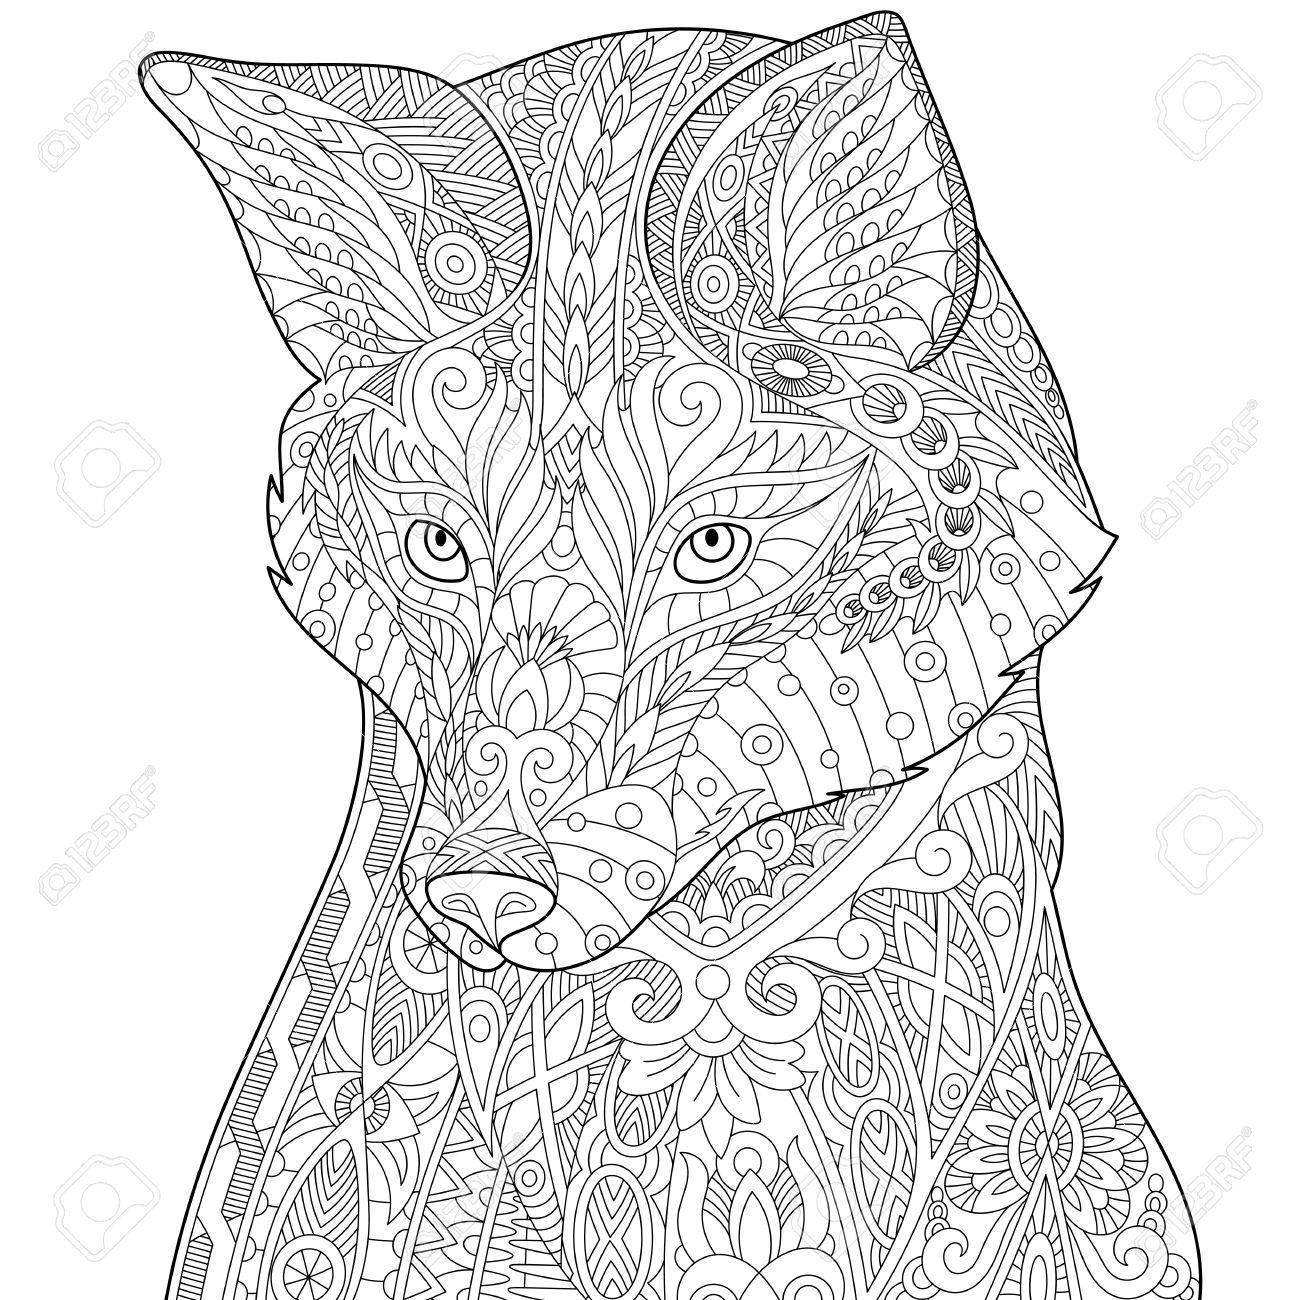 Kleurplaten Voor Volwassenen Honden.Kleurplaat Voor Volwassenen Wolf Woyaolu Info